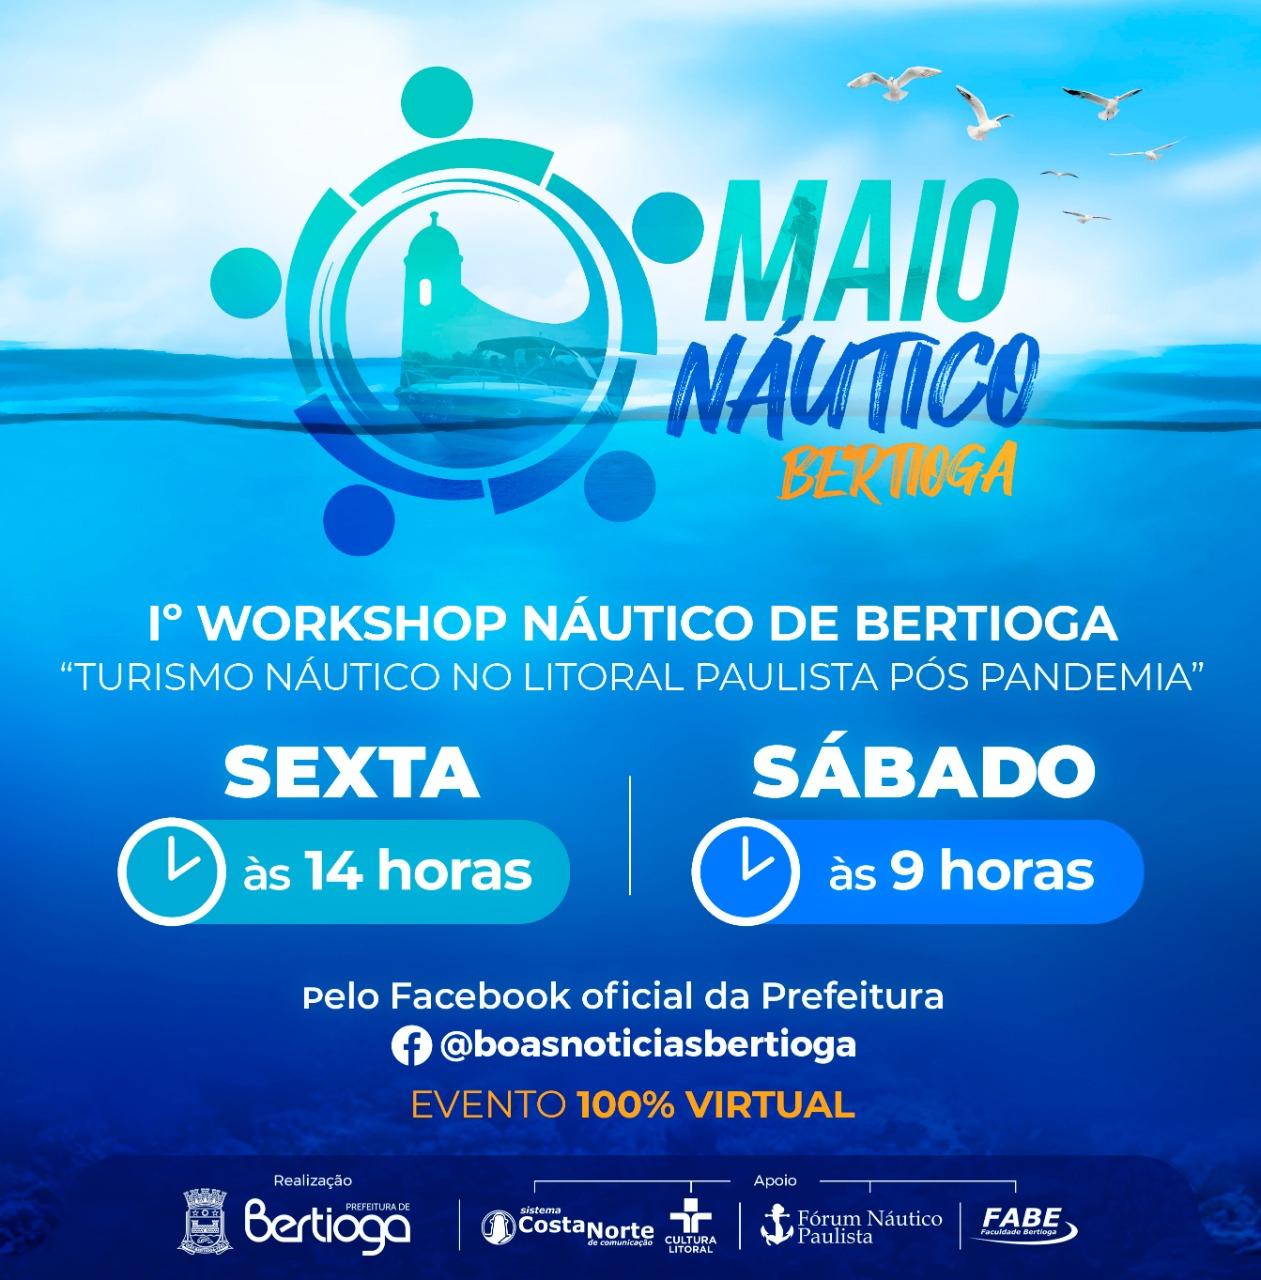 Turismo náutico é tema de evento online organizado por Bertioga